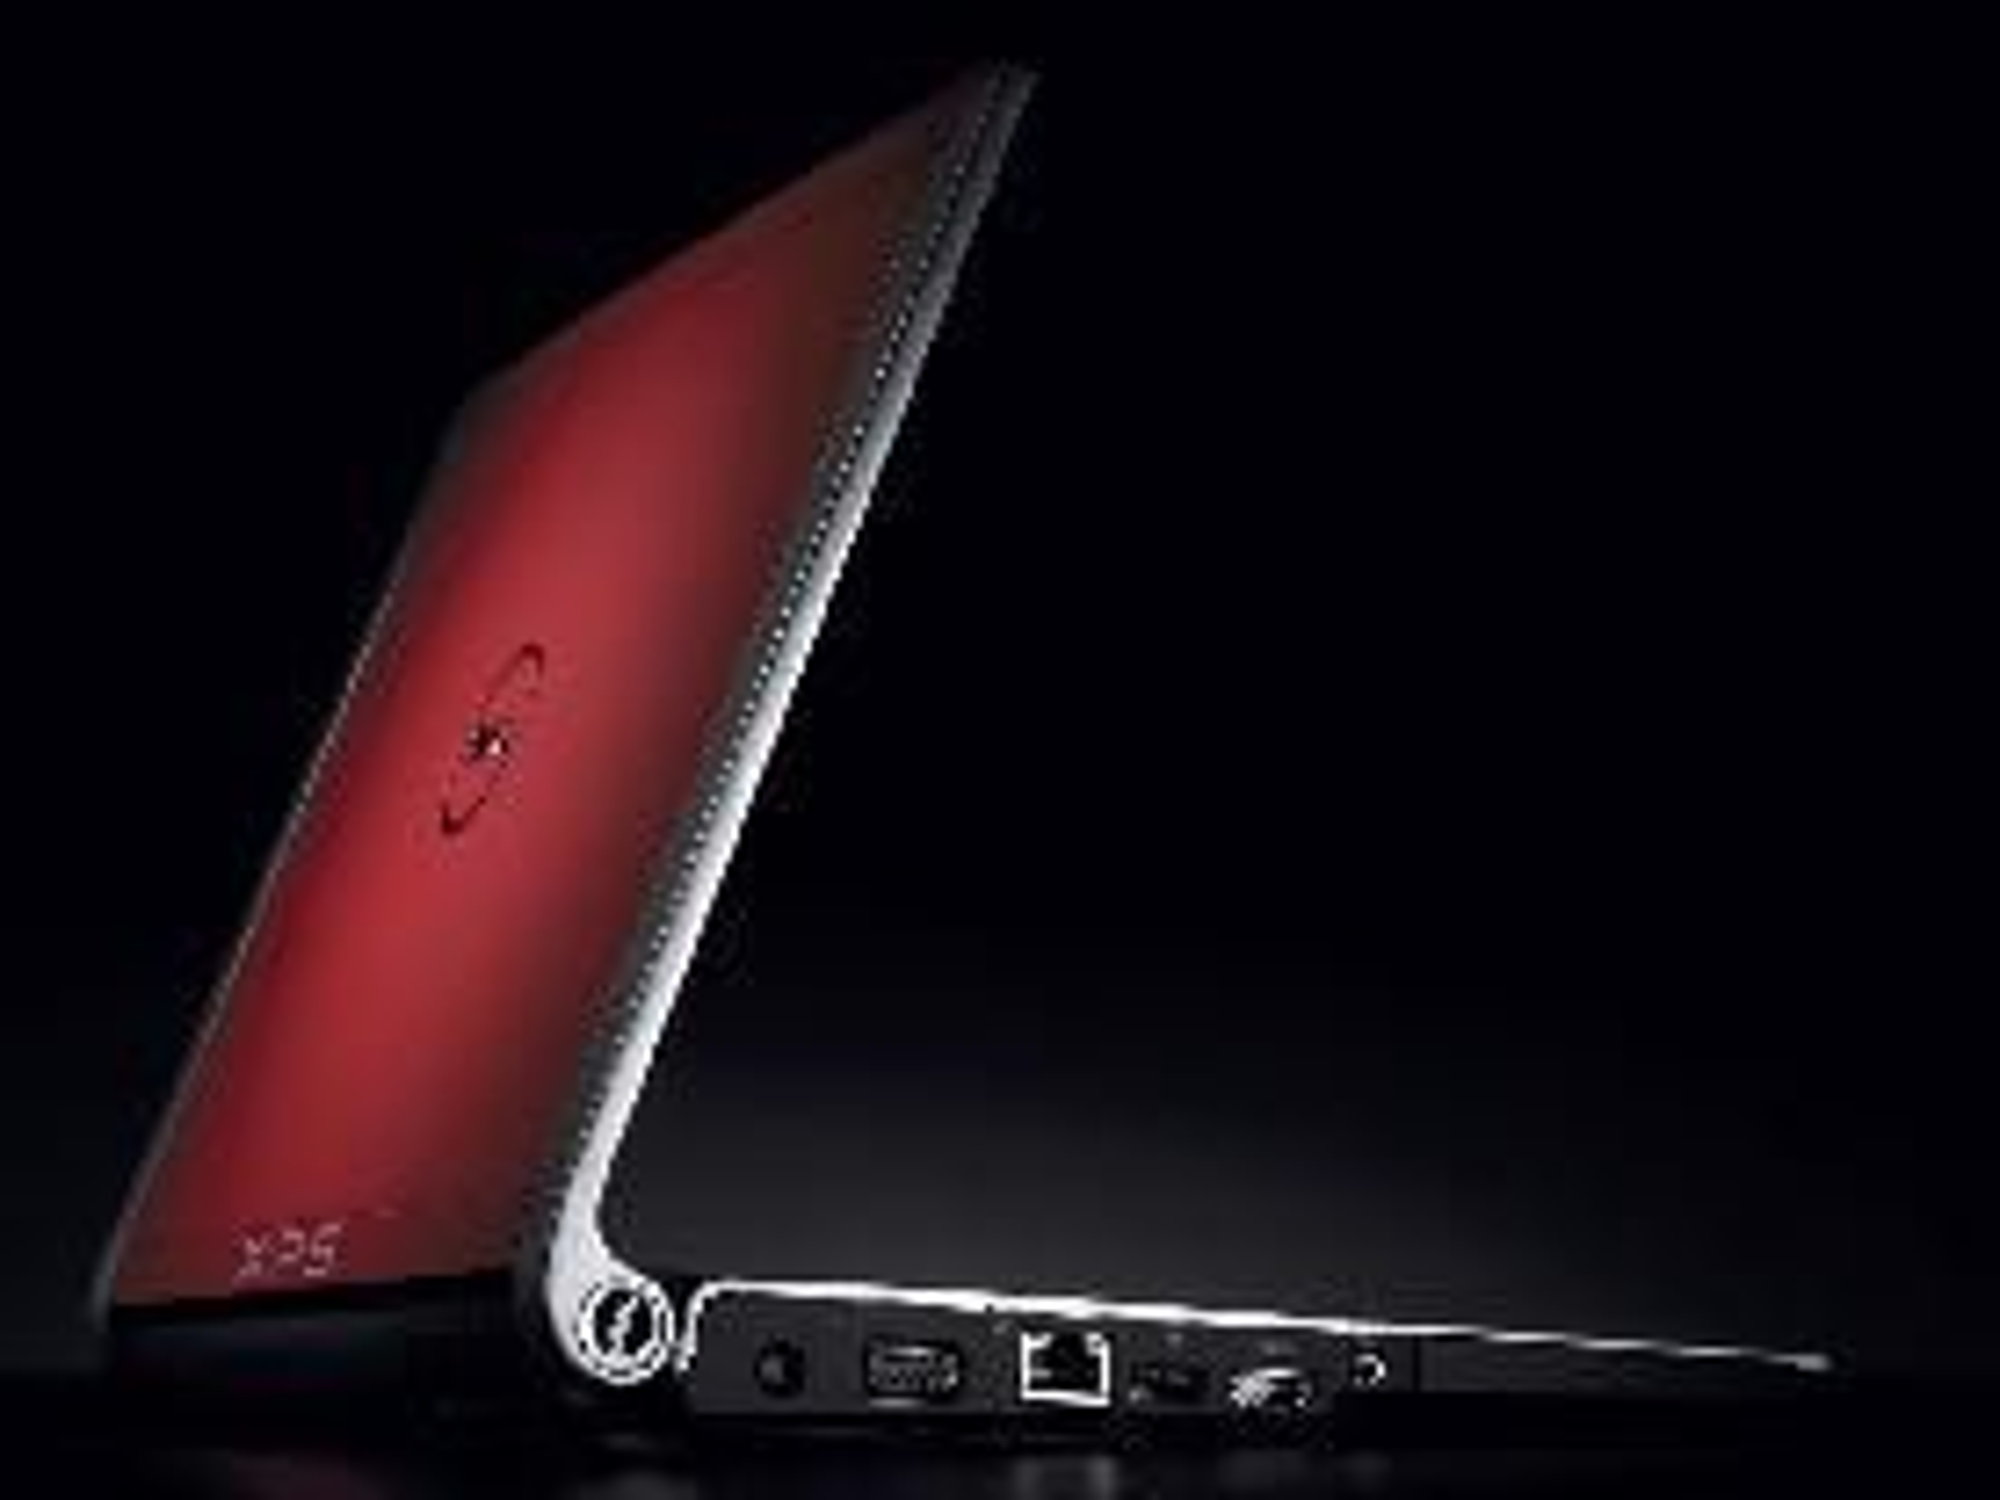 Dell XPS M1330 vant i kategorien data (hardware).